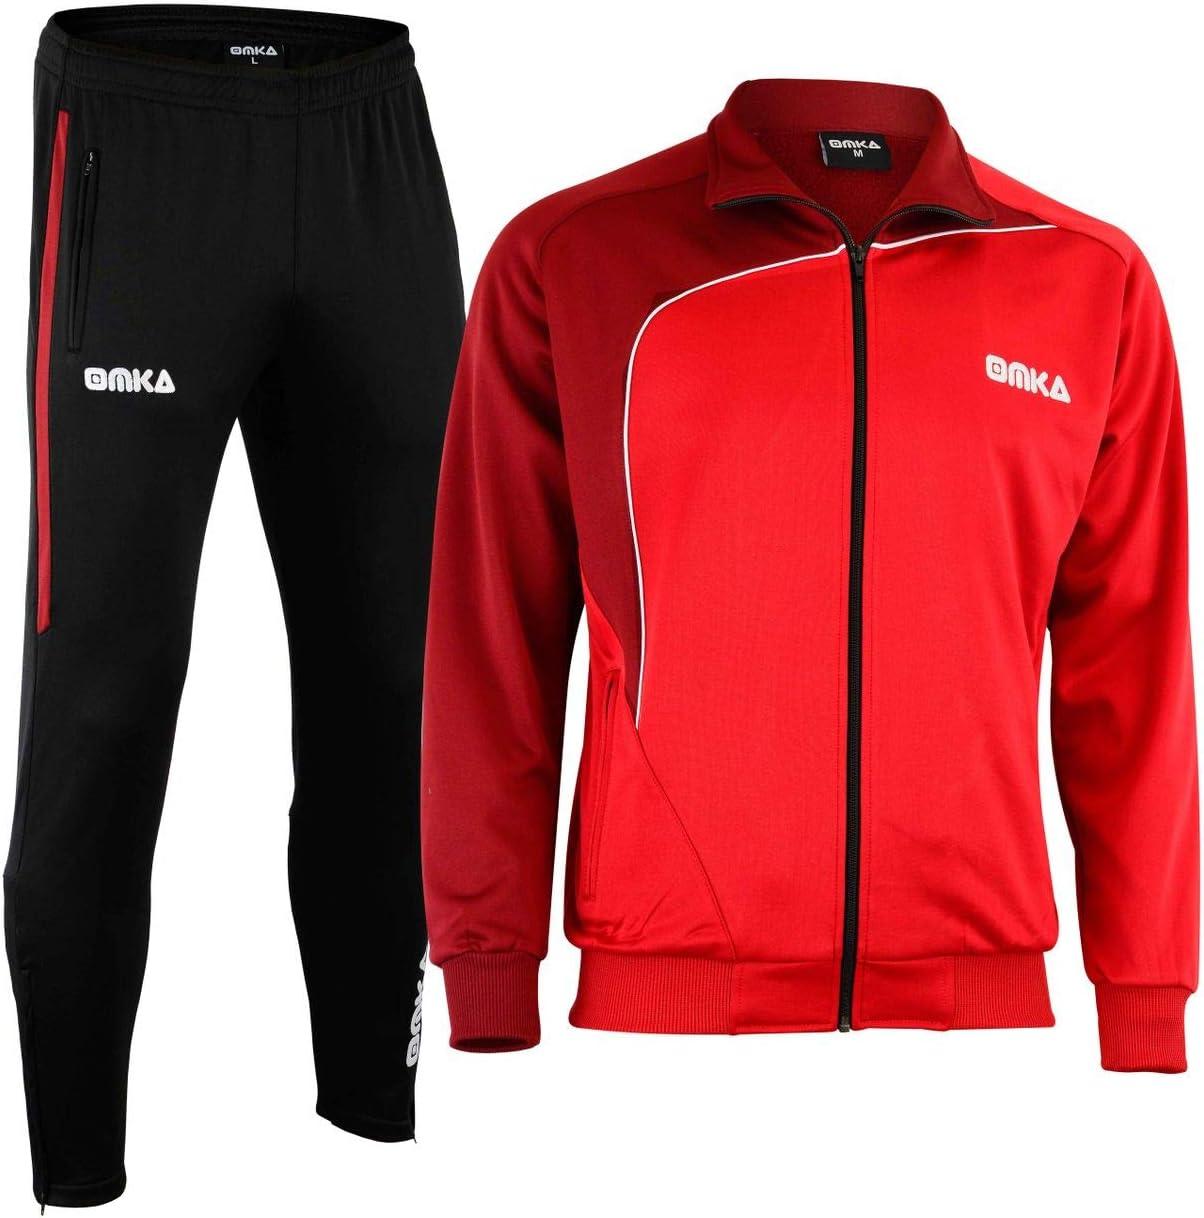 Sportanzug OMKA Trainingsanzug Jogginganzug Freizeitanzug  Schwarz